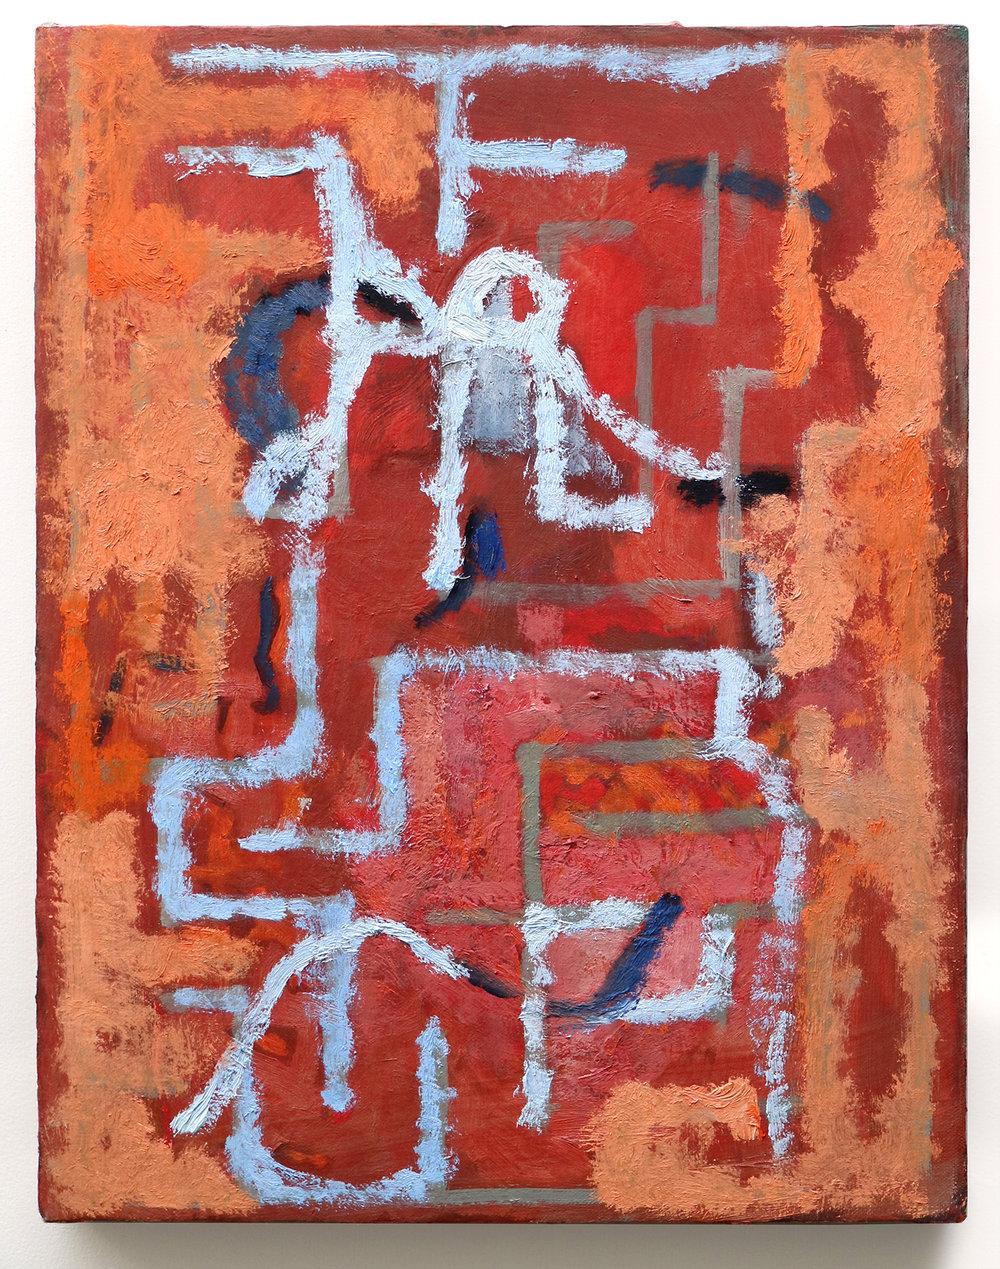 Lumin Wakoa, puzzle, 2018, Oil on linen, 20 x 16 in